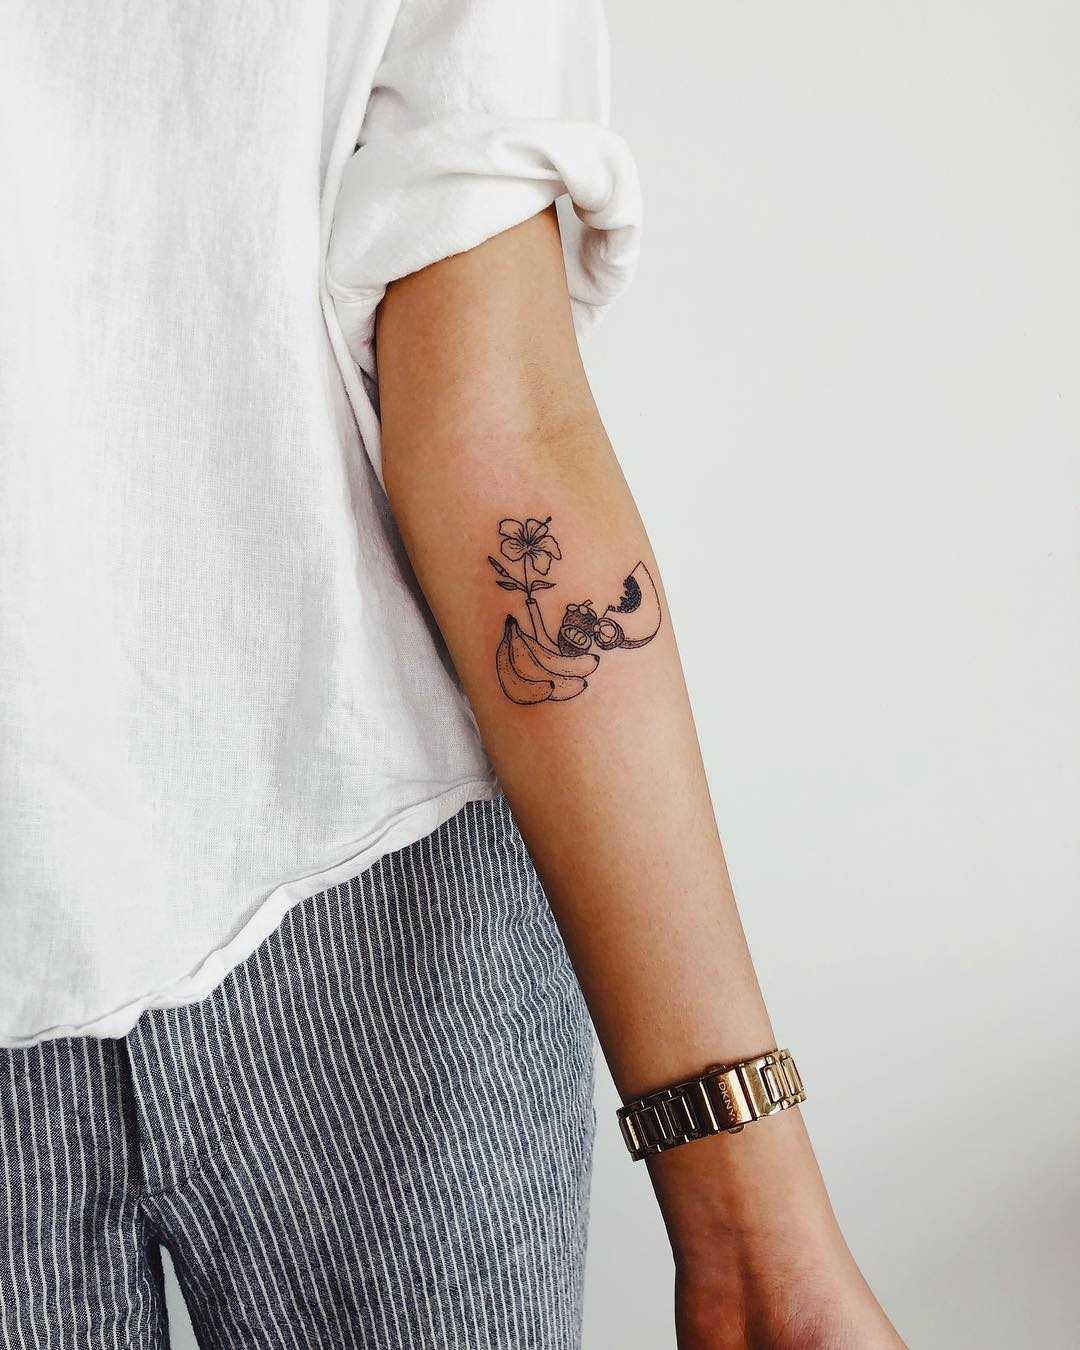 A fruit medley tattoo by Kelli Kikcio